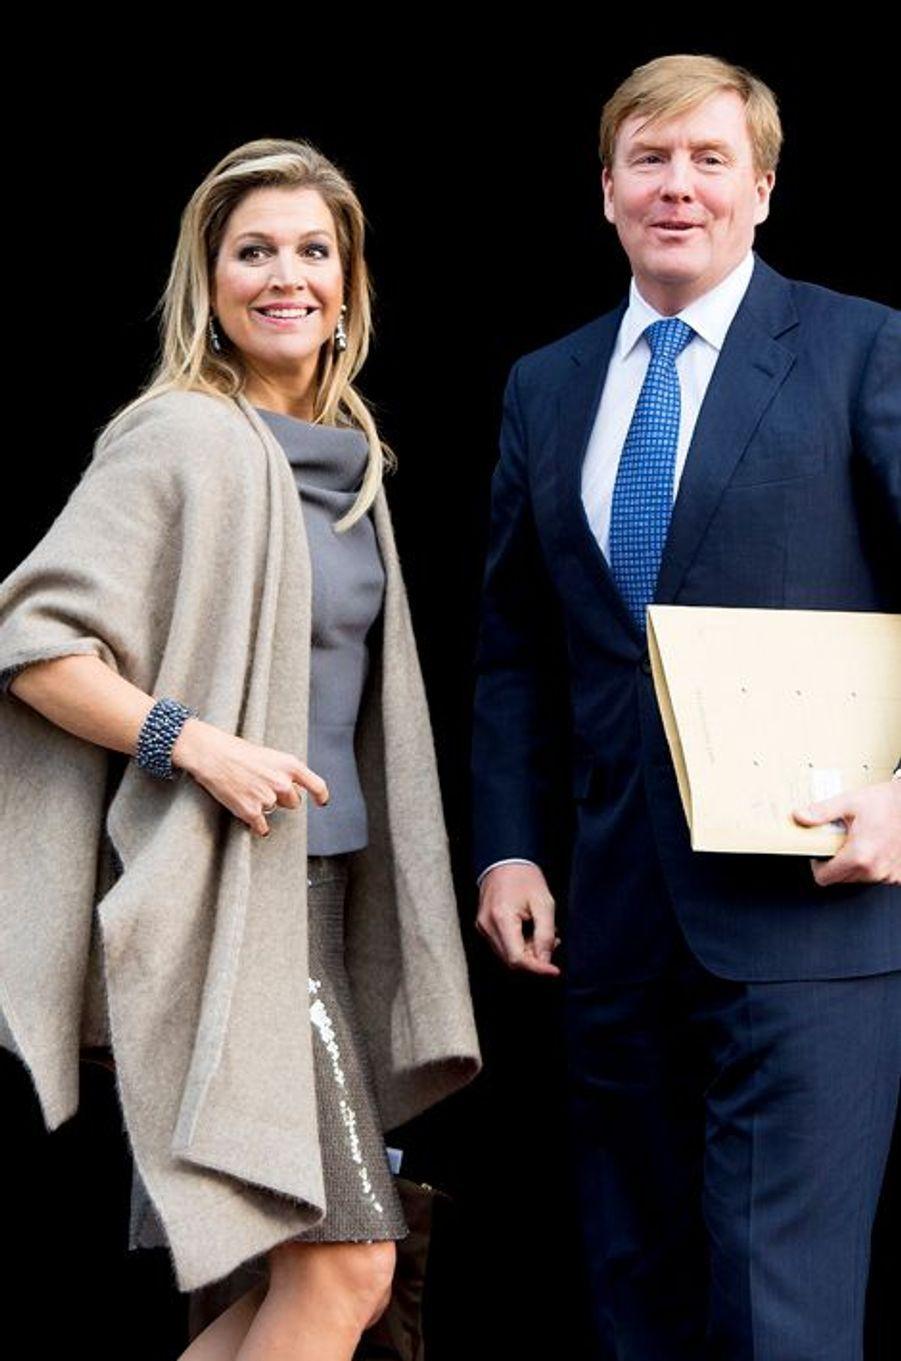 Le roi Willem-Alexander des Pays-Bas et la reine Maxima au prix du prince Claus à Amsterdam, le 10 décembre 2014